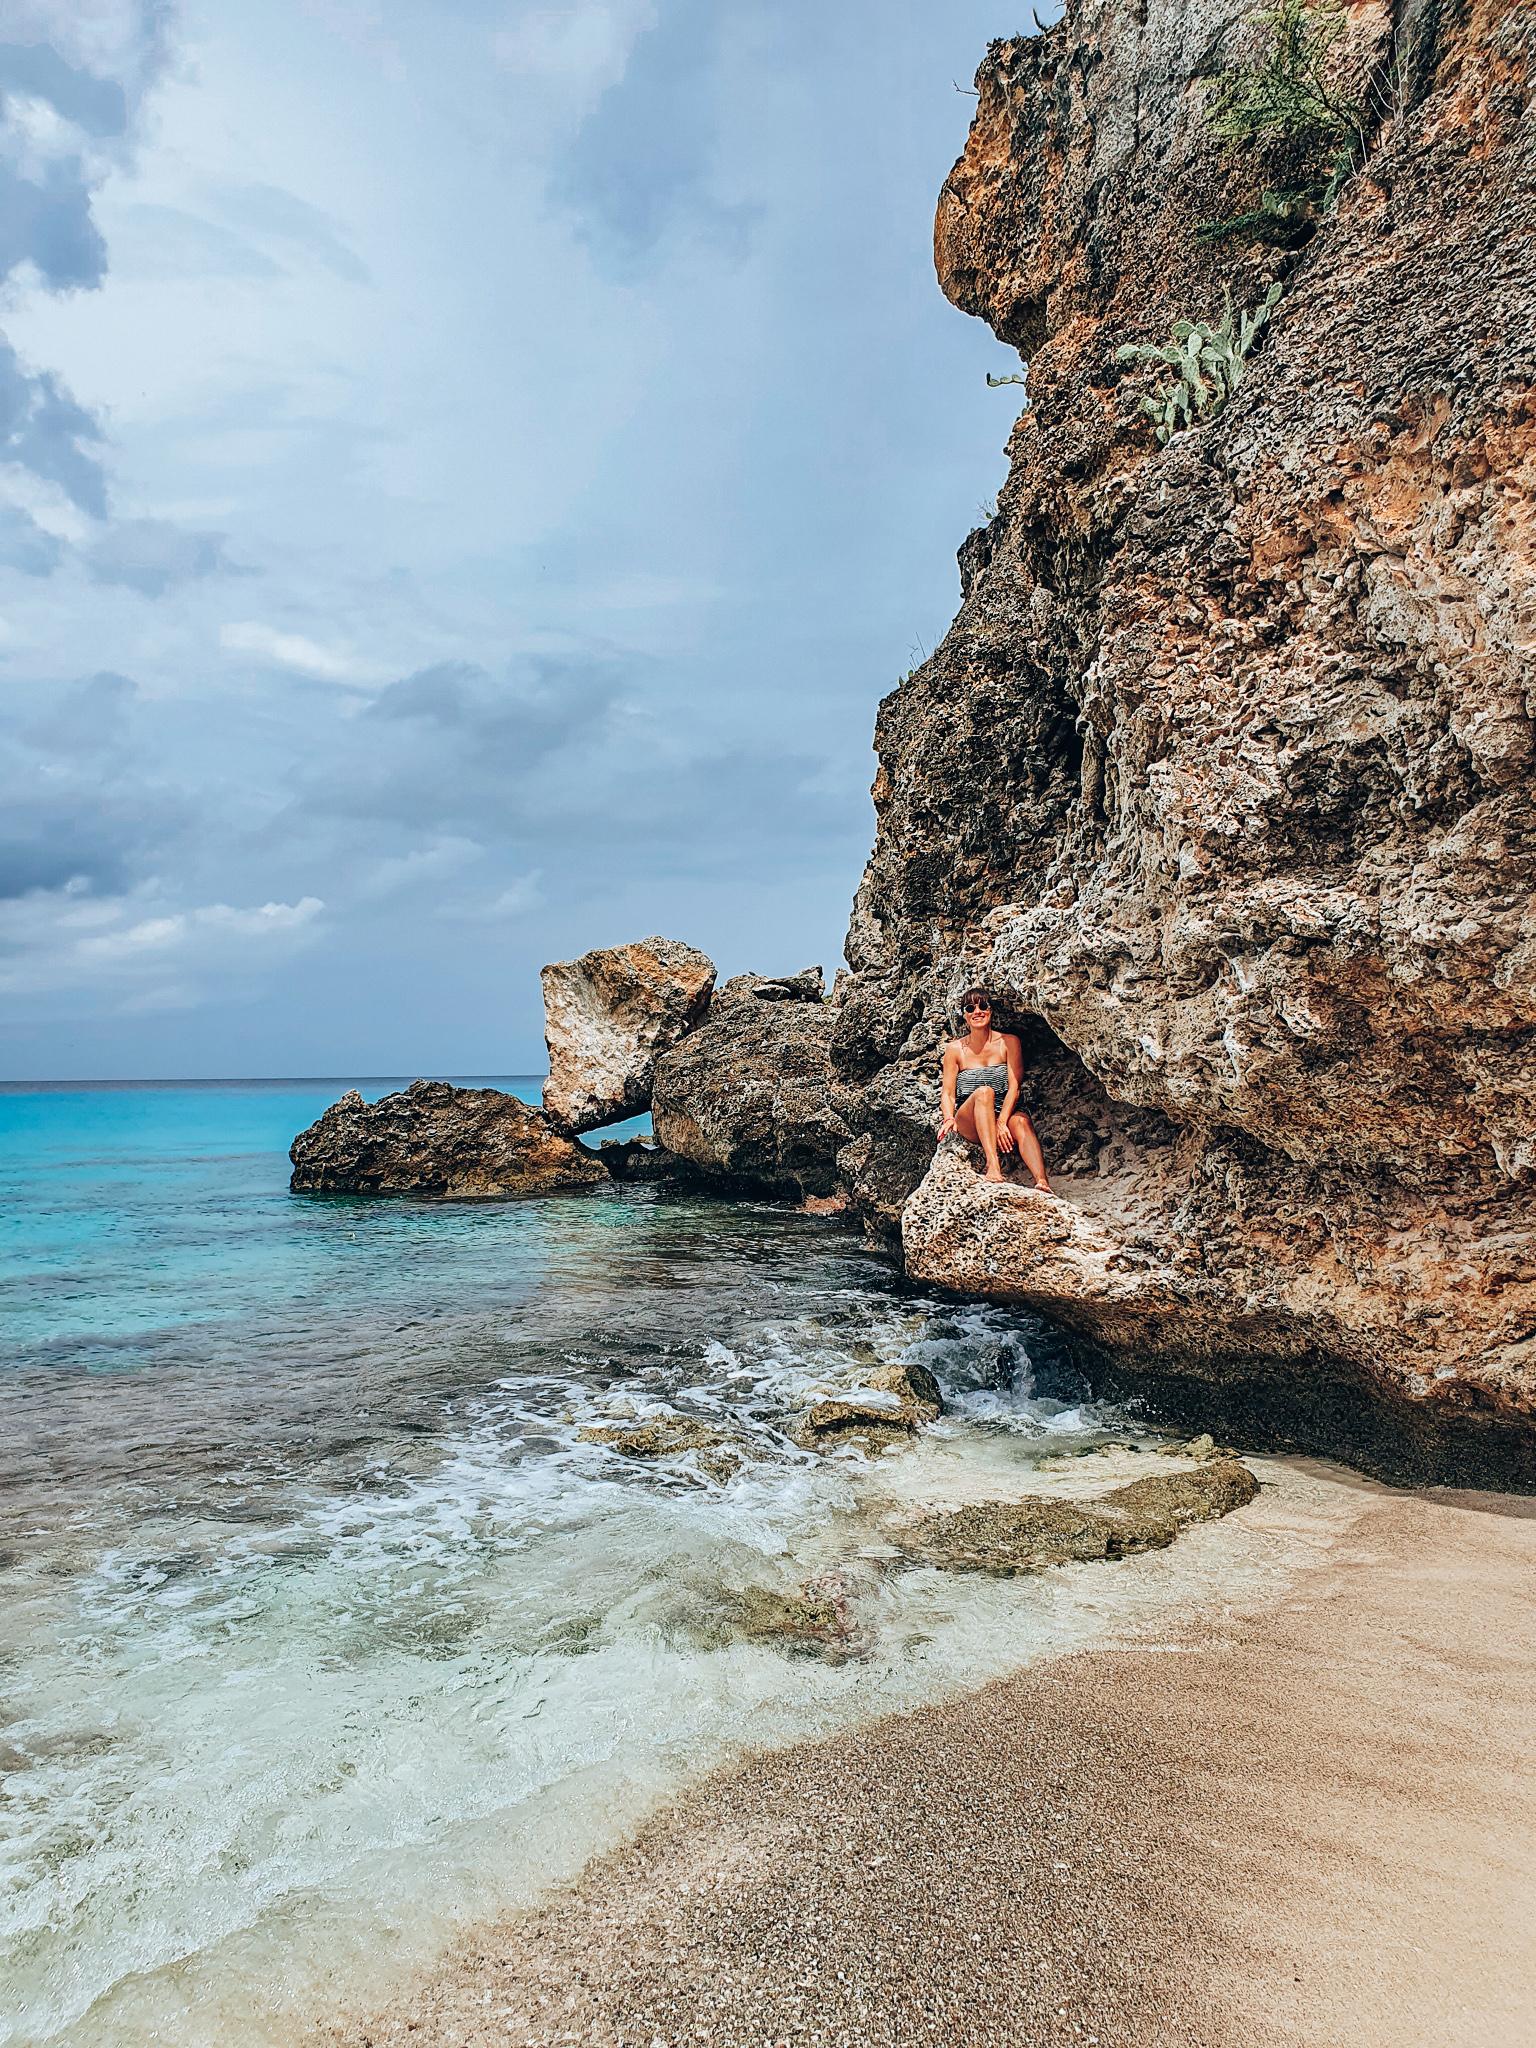 Kleine Knip, Curaçao